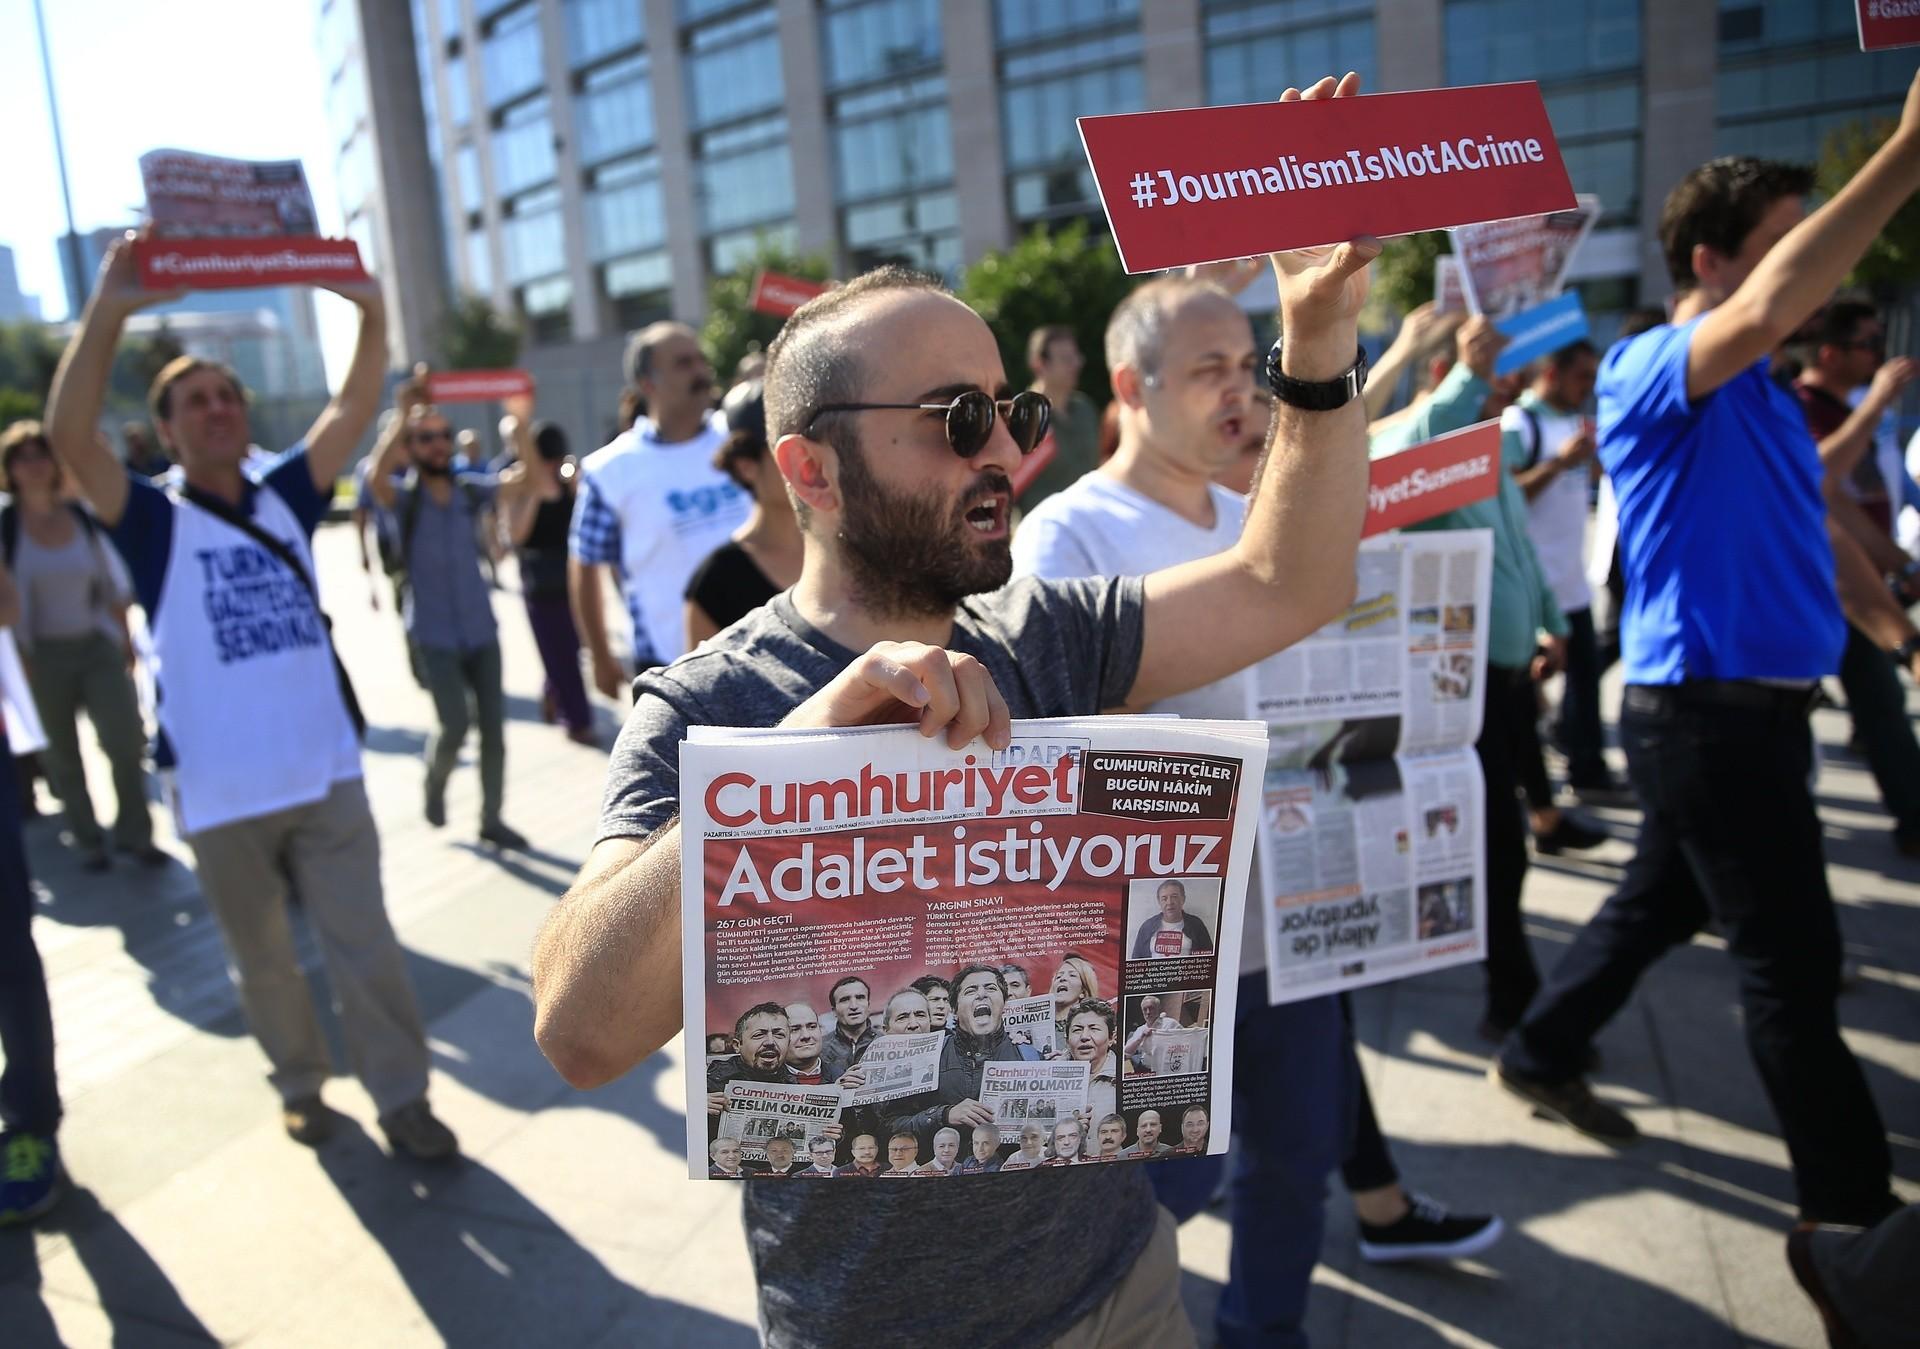 c8d63d3cee RUPTLY x-news Chodzi o kilkunastu dziennikarzy gazety Cumhuriyet.  Dziesięciu z oskarżonych od prawie dziewięciu miesięcy przebywa w areszcie.